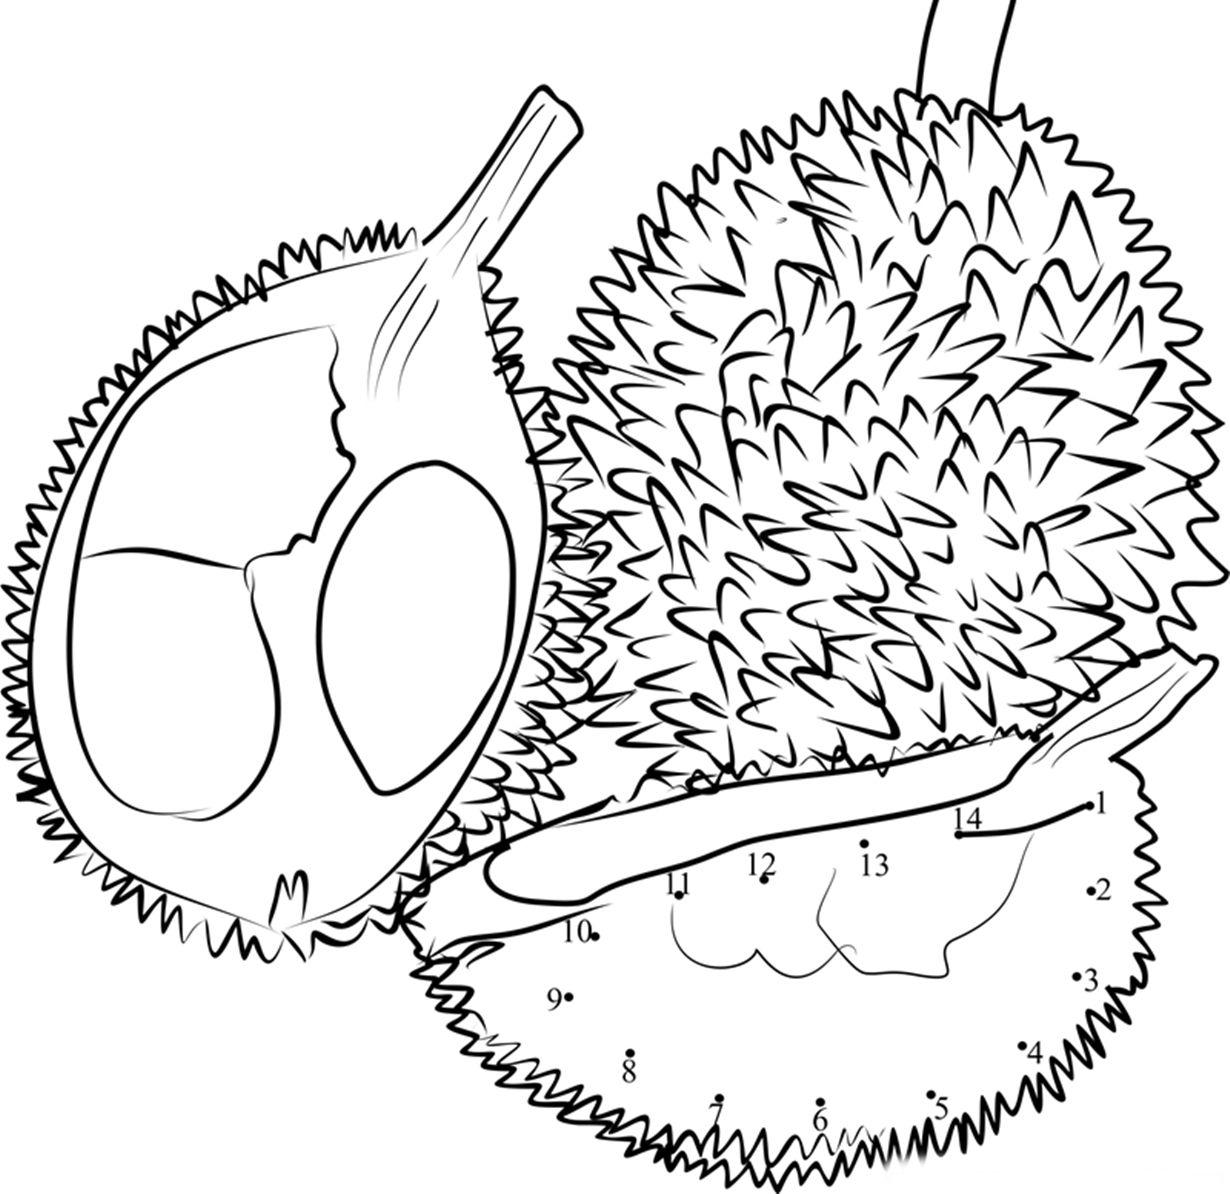 gambar buah durian untuk diwarnai Durian, Symbols, Dots